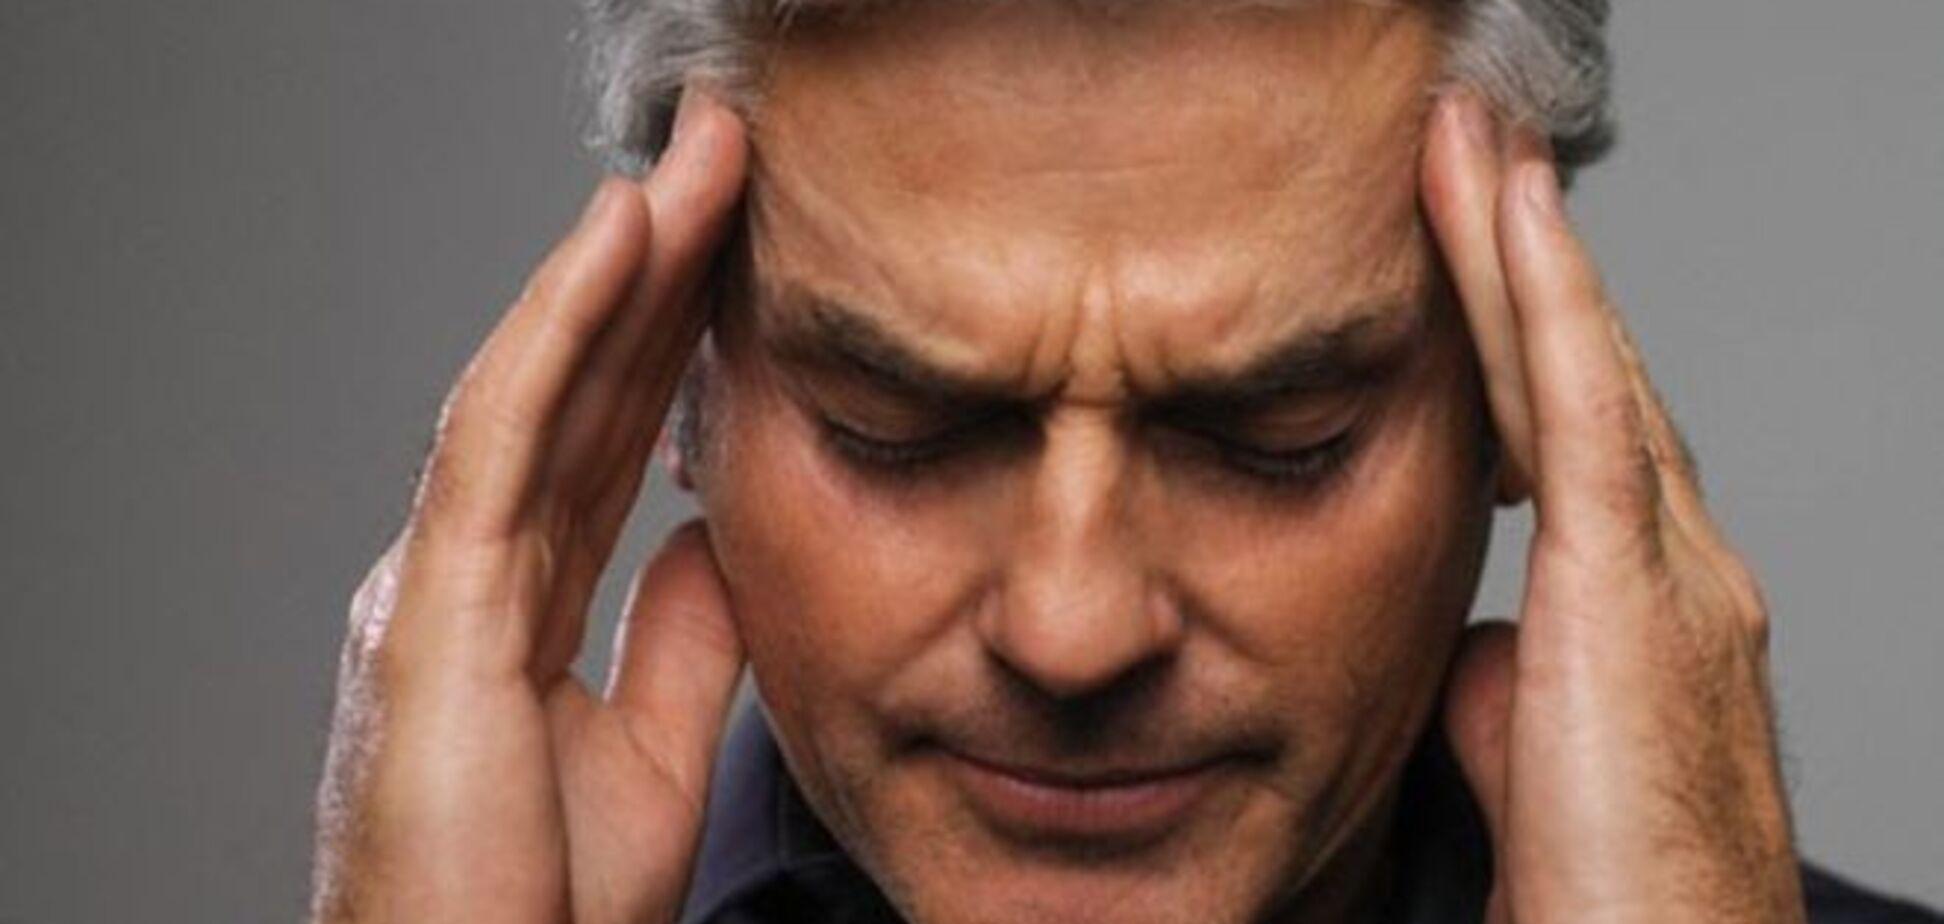 Ученые: мужской мозг начинает стареть в 40 лет